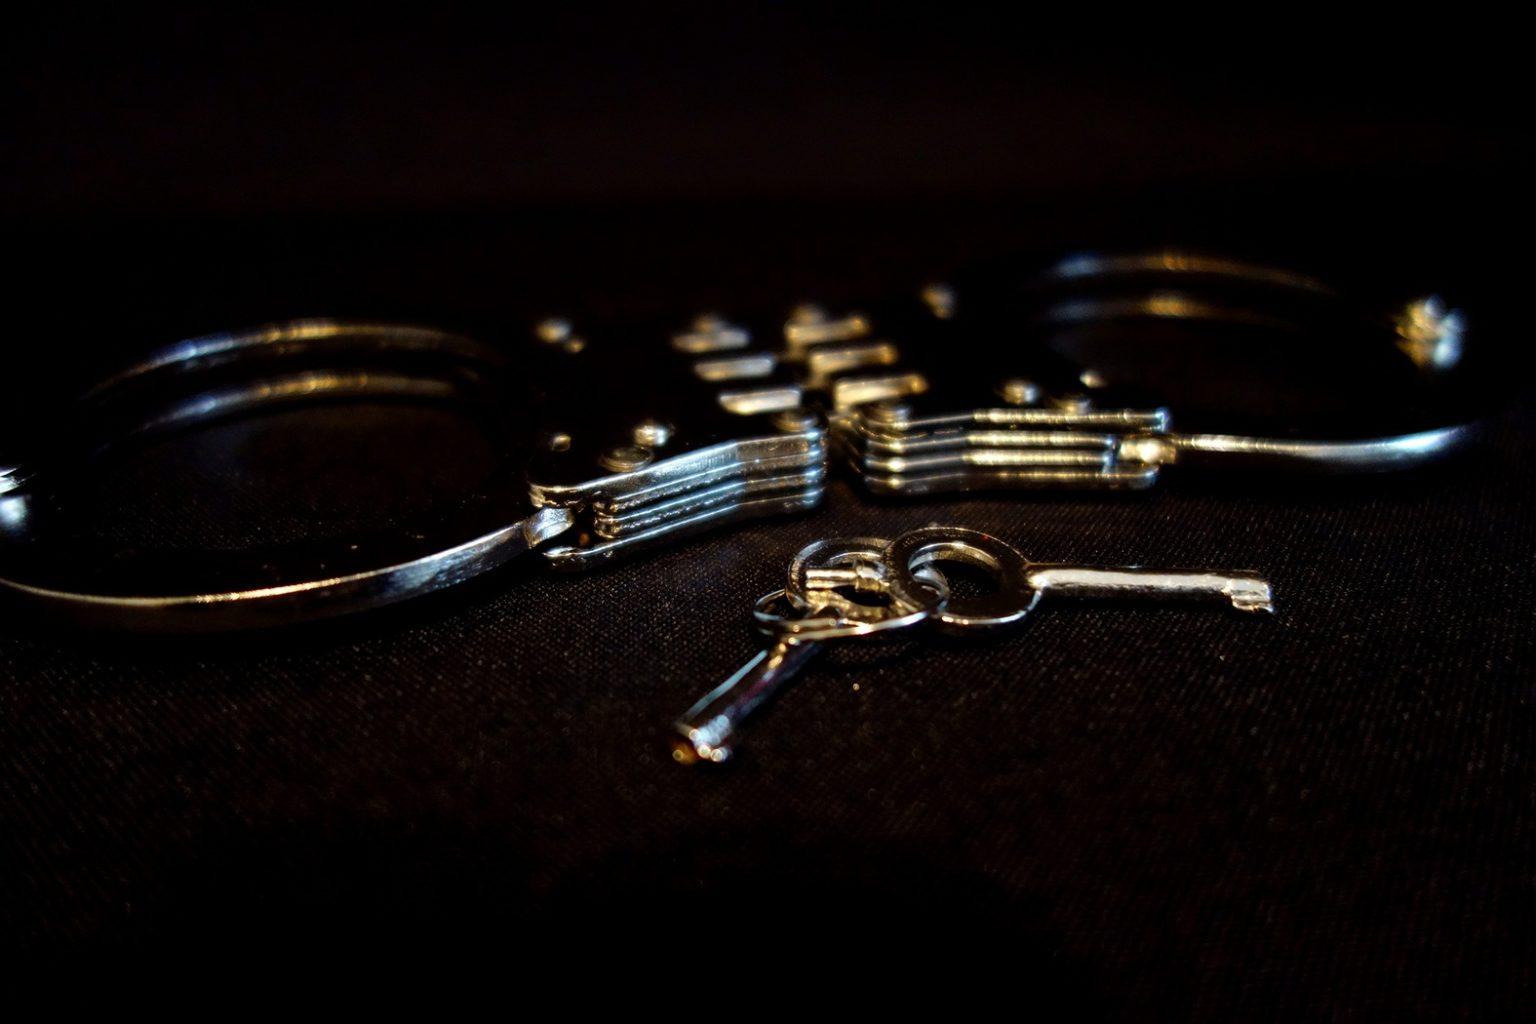 Ongebreideld fantaseren over een keertje bonken met boeien - niemand houd je tegen. (Wel de sleutel goed bewaren als het er van komt.)